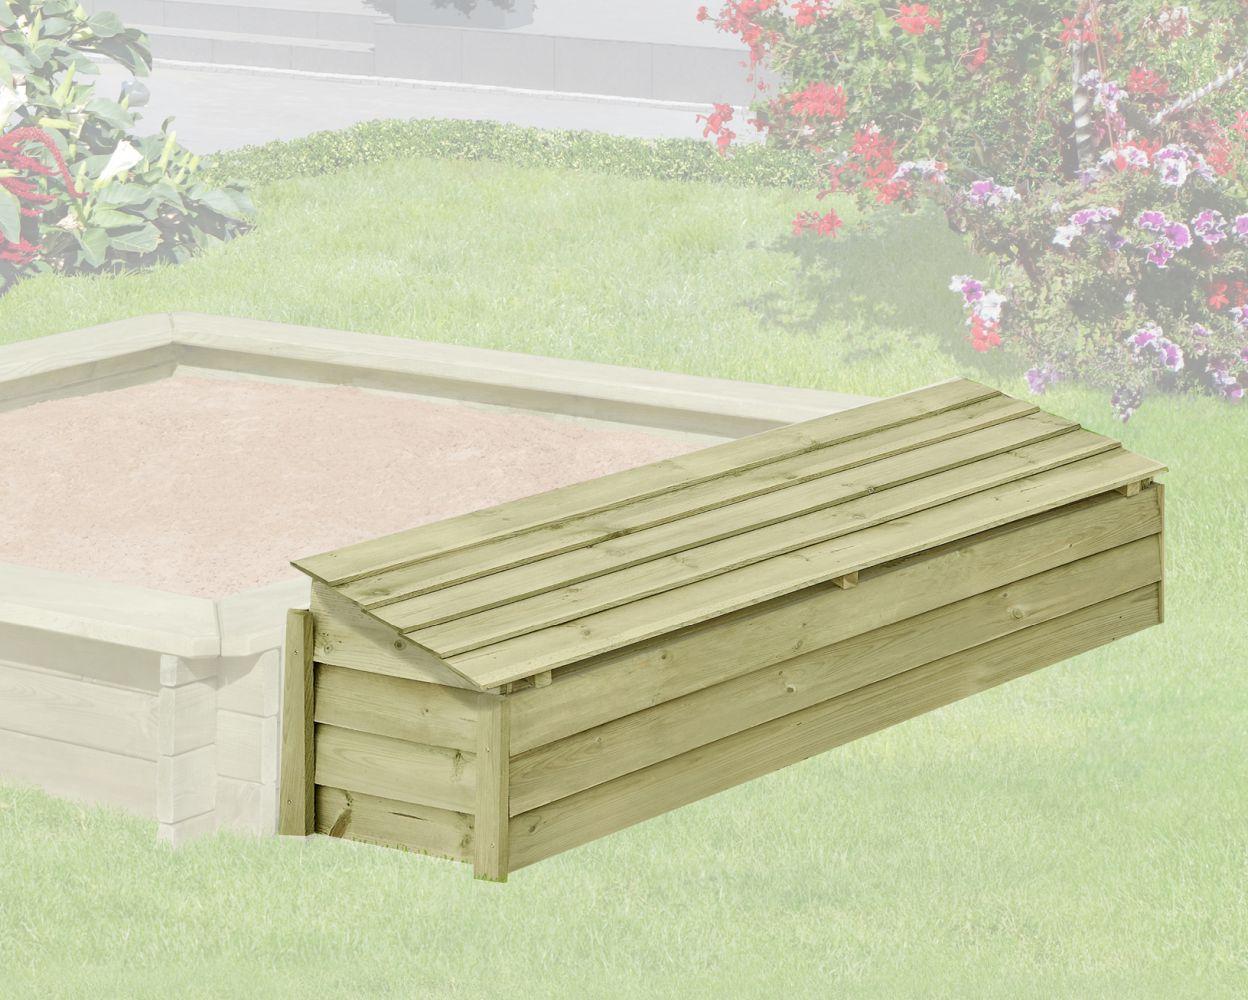 Houten kist met scharnierend deksel 01 - vervaardigd uit grenen hout, FSC® - afmetingen: 147 x 43 x 39 cm (B x D x H)